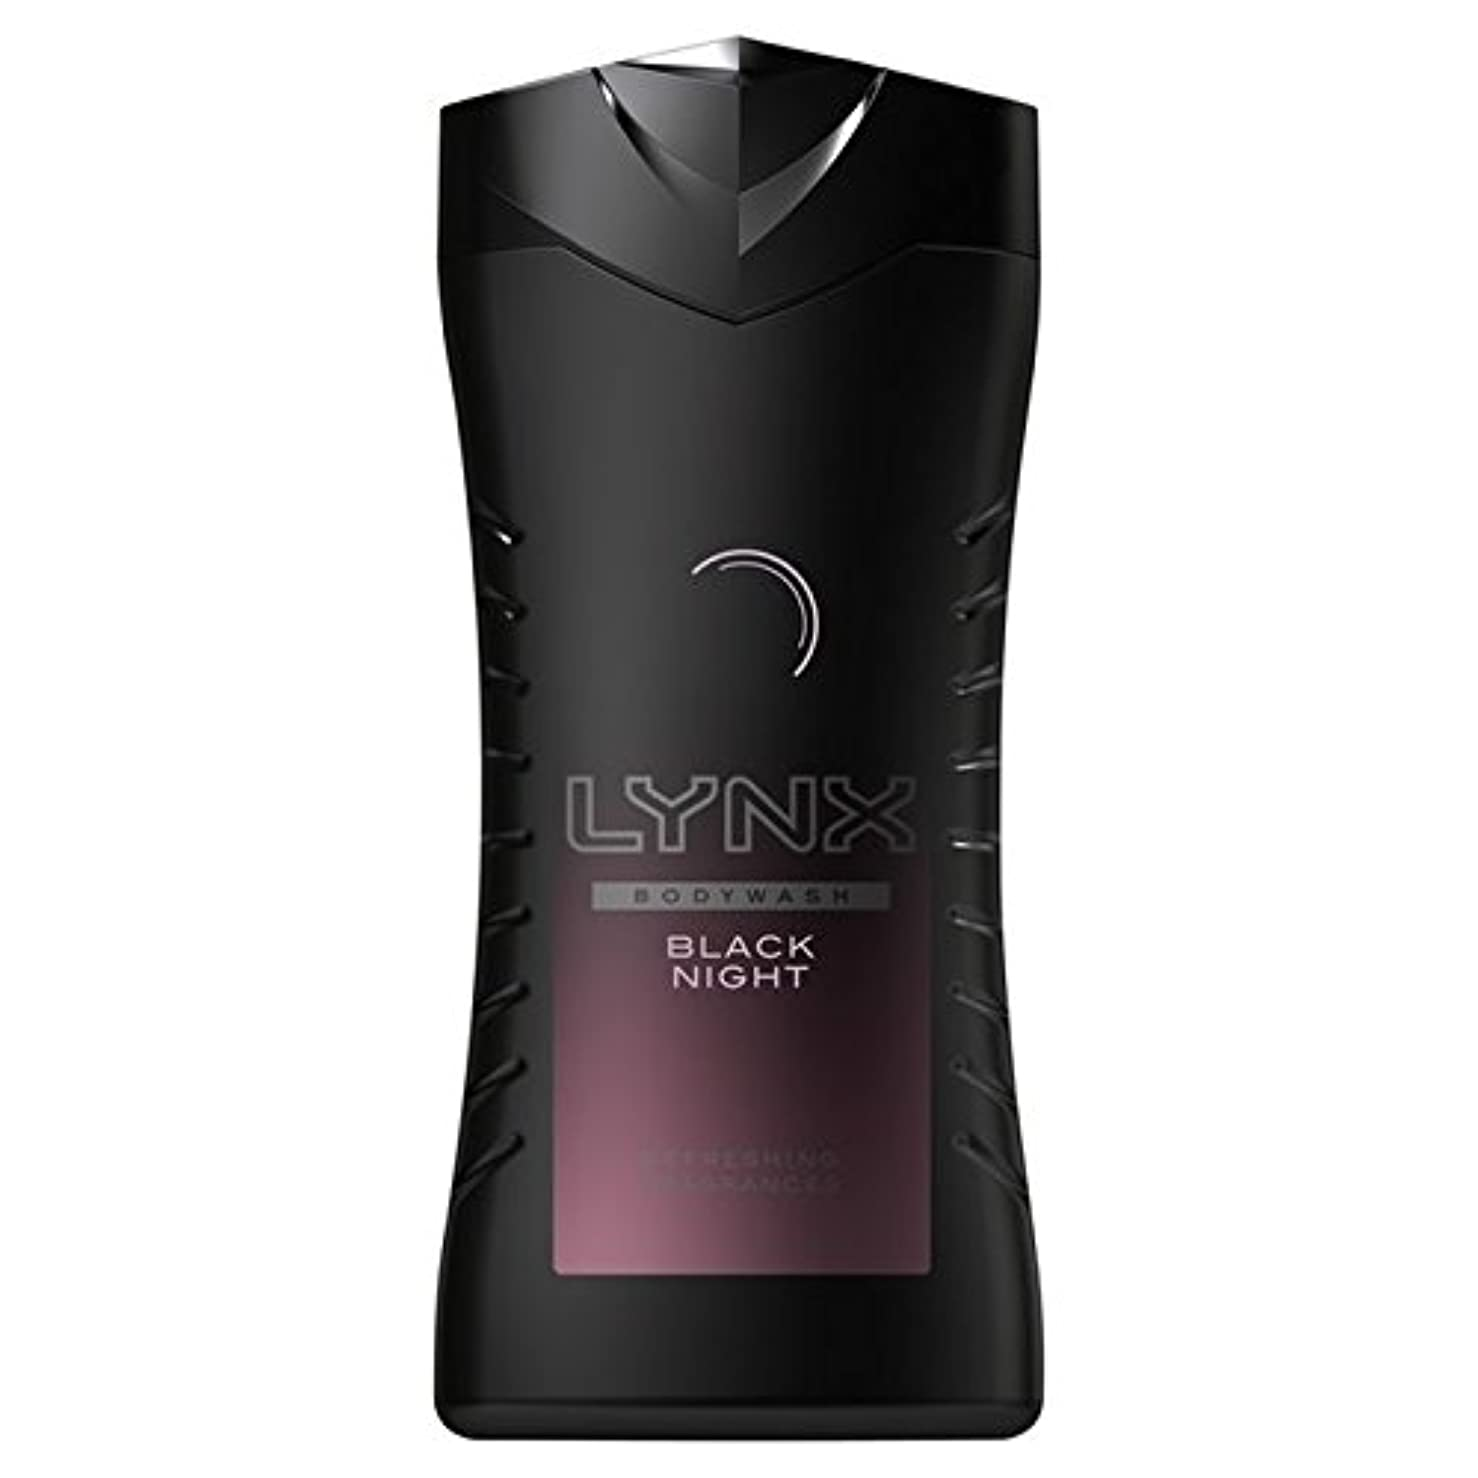 可愛い当社我慢するLynx Black Night Shower Gel 250ml (Pack of 6) - オオヤマネコ黒夜シャワージェル250ミリリットル x6 [並行輸入品]